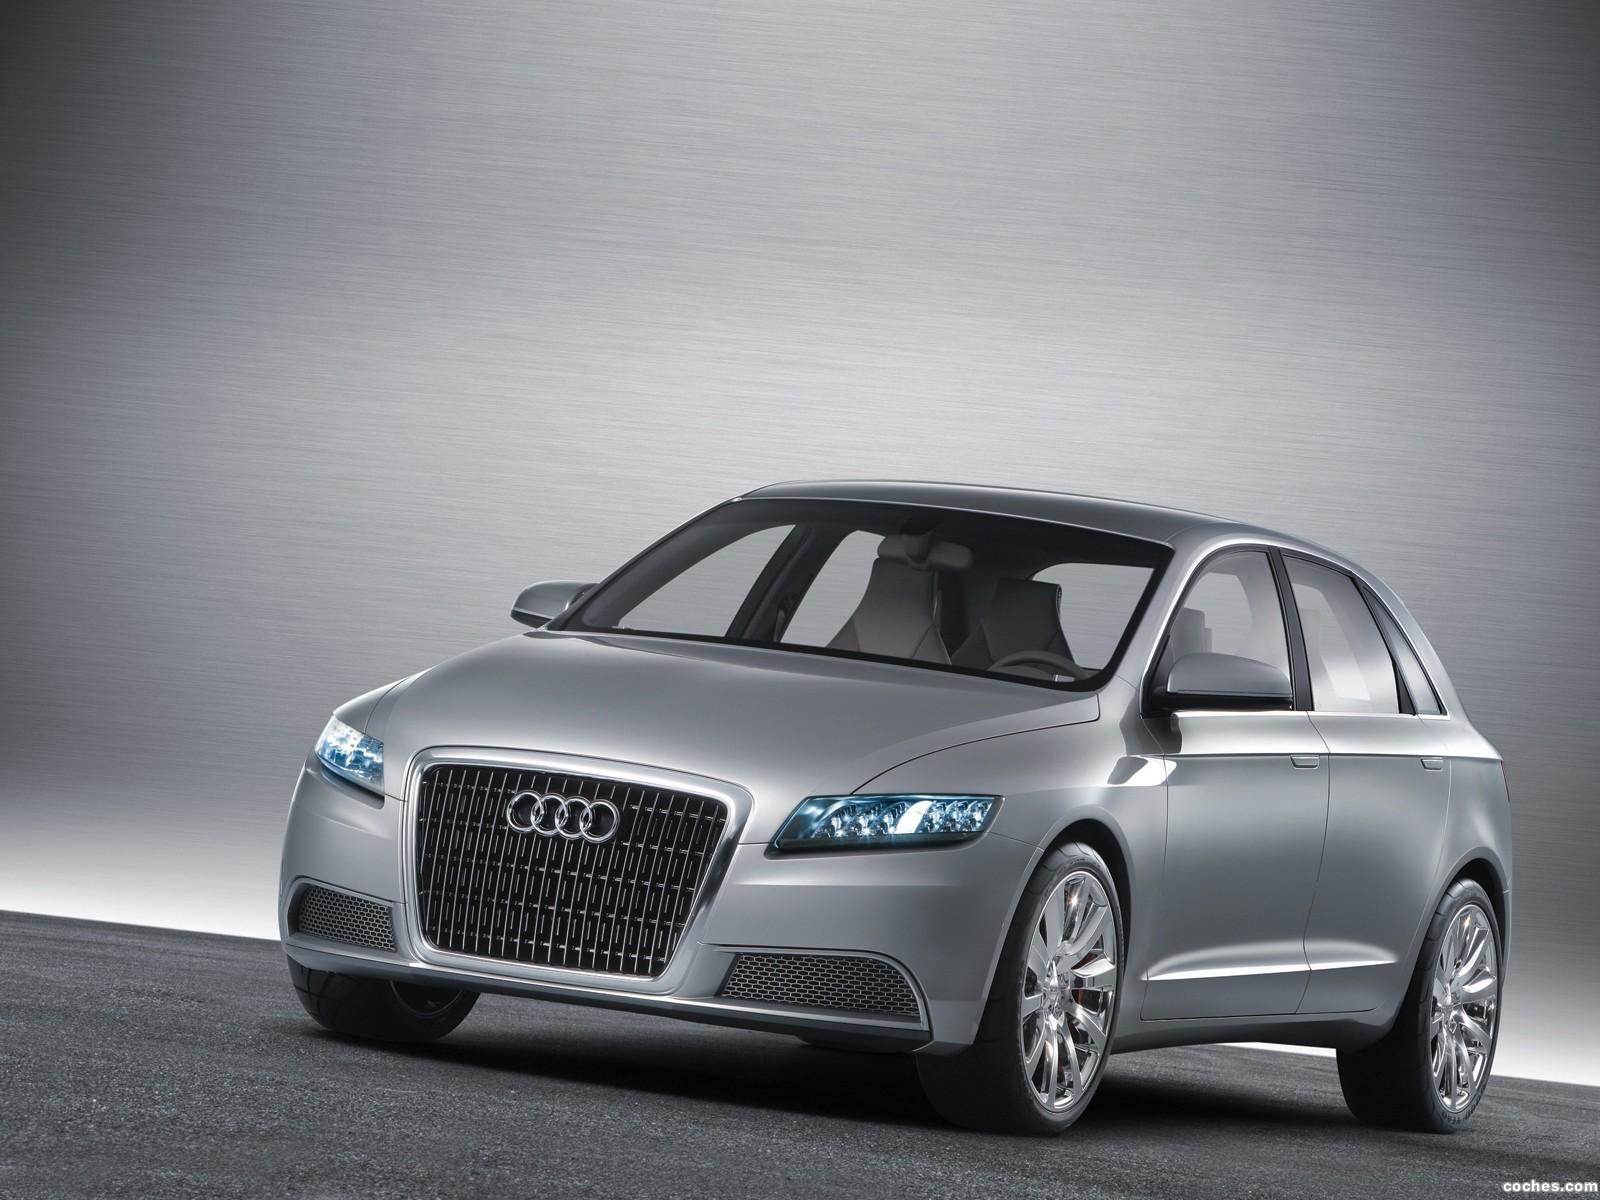 Foto 0 de Audi Roadjet Concept 2006